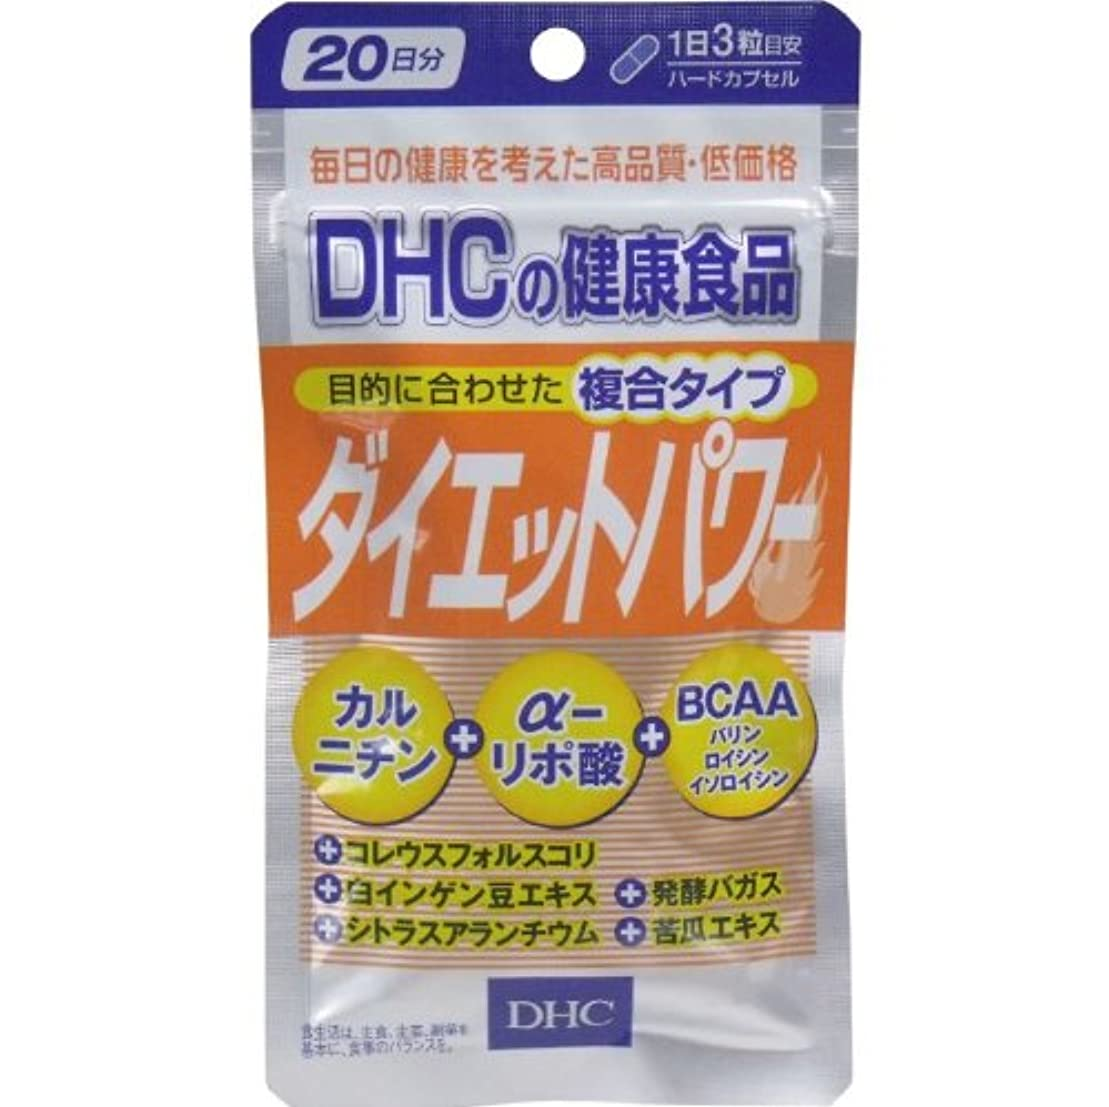 パスタ船形悪名高いDHC ダイエットパワー 60粒入 20日分「4点セット」